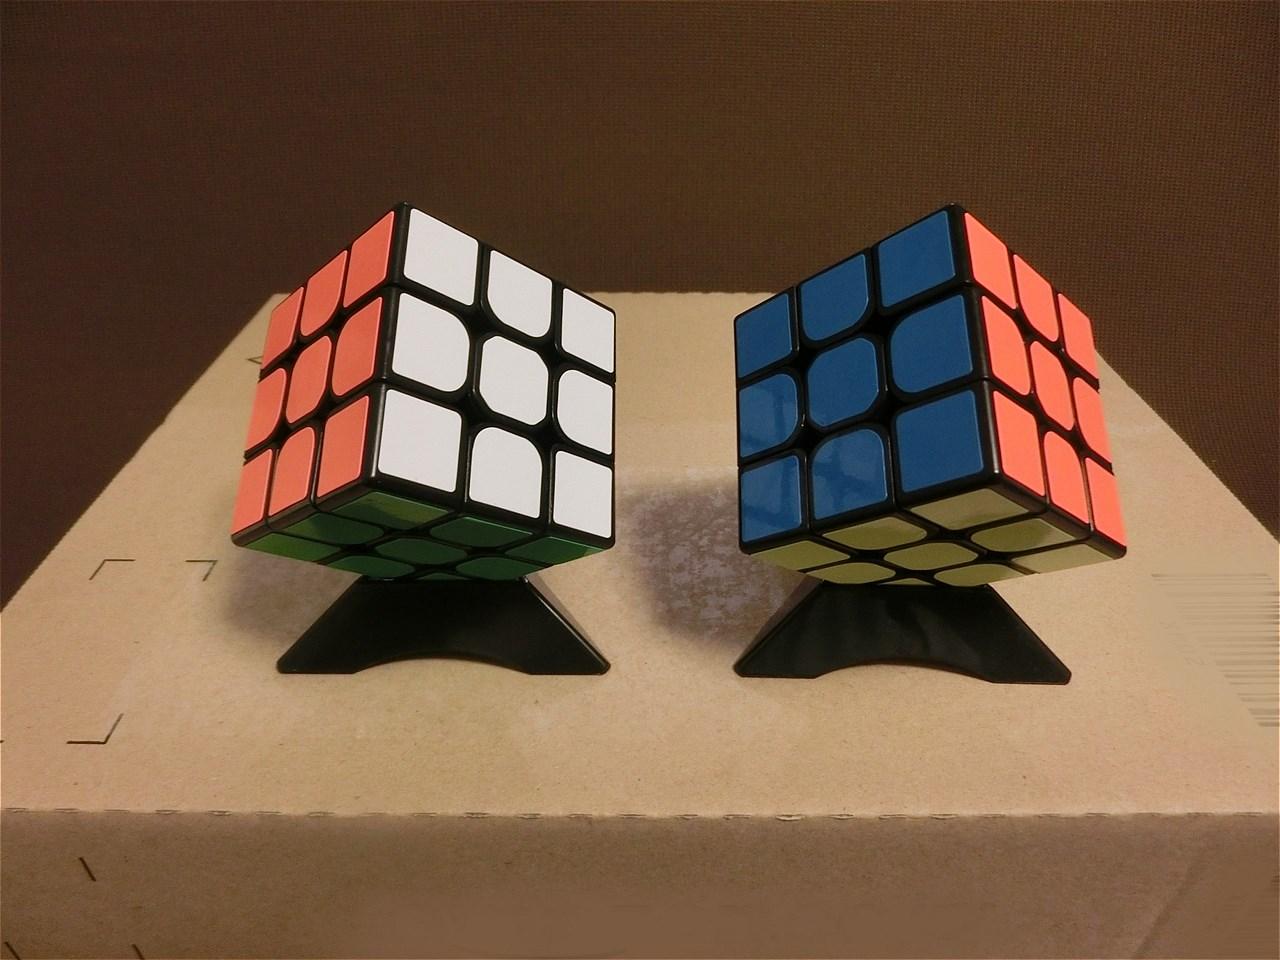 rubiks-cube-beginner-00